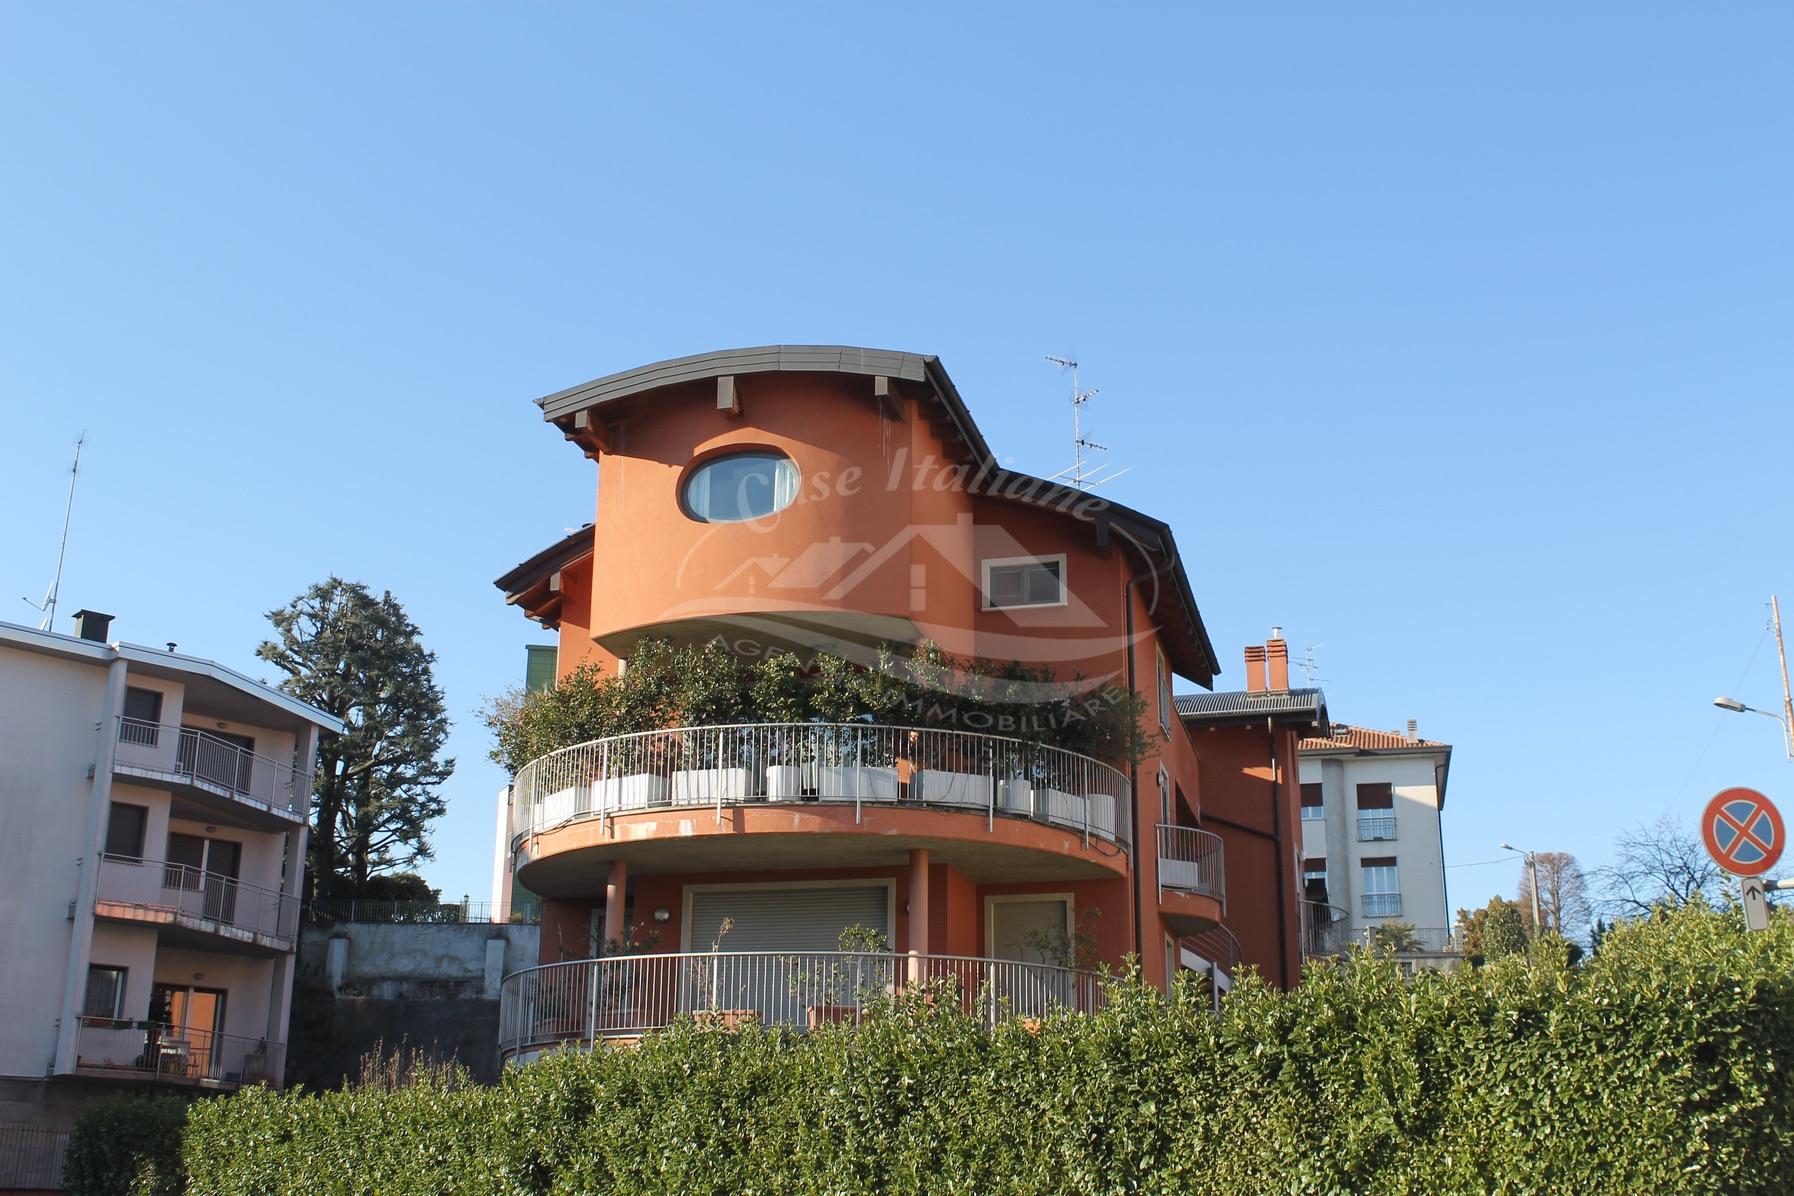 Appartamento con giardino privato a Cantu'